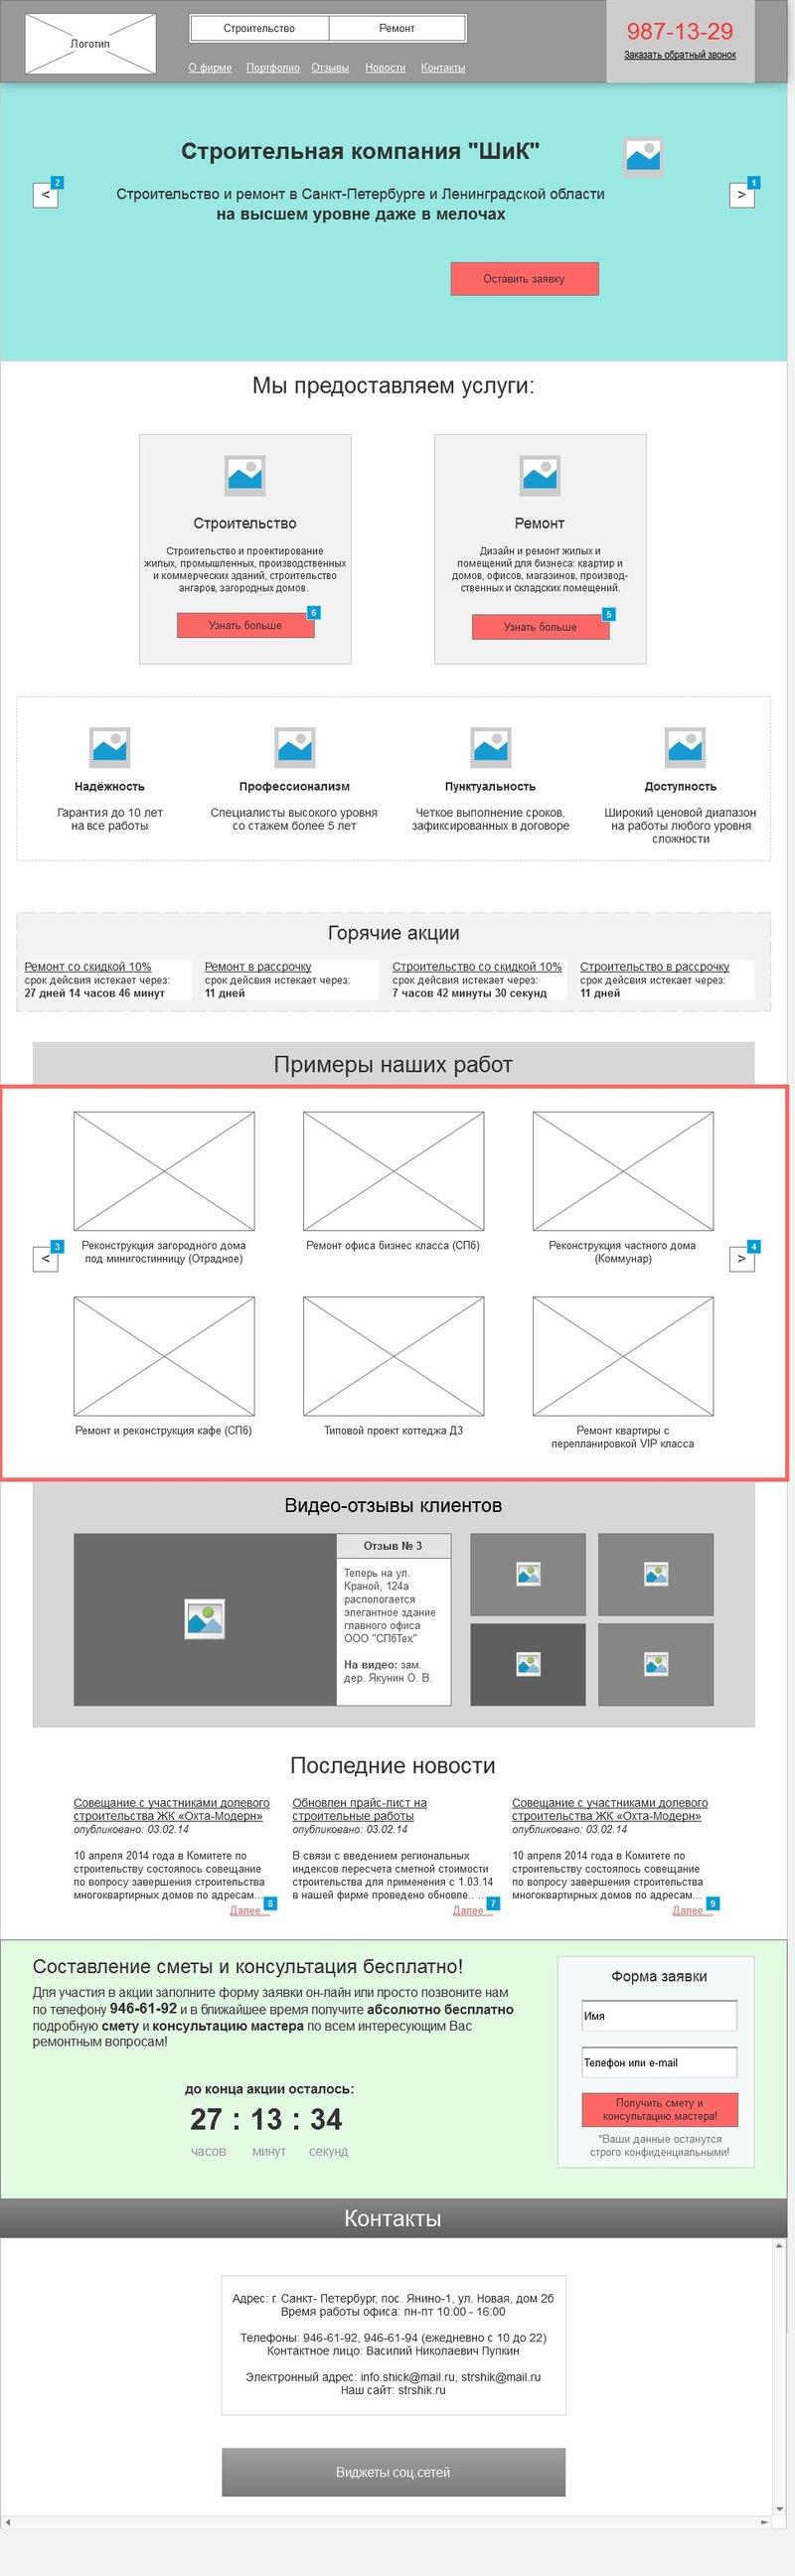 Динамичный корполендинг строительной фирмы – work in freelancer's portfolio